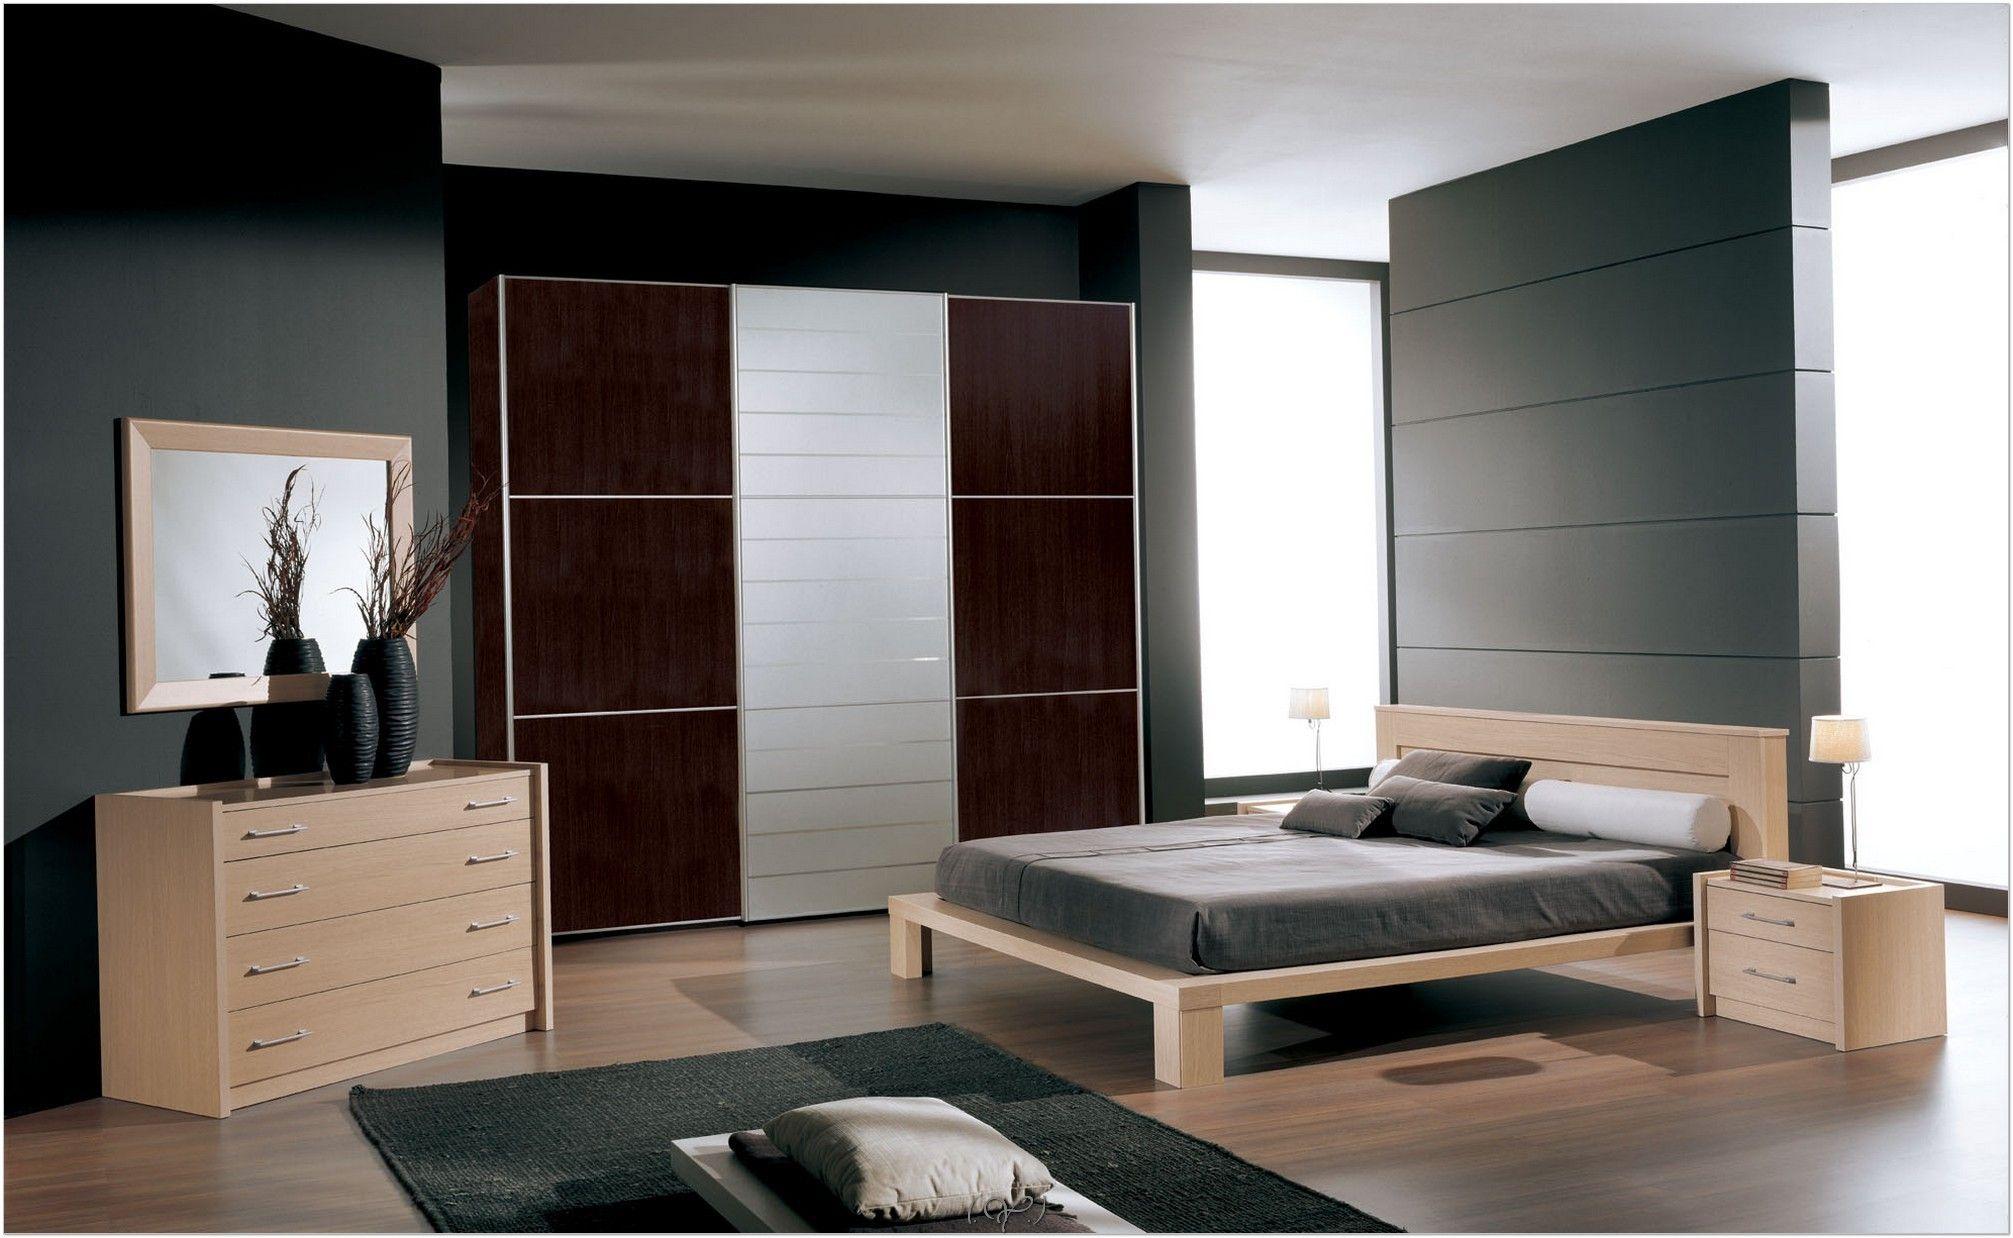 Moderner Sofa Bett, Italienisches Schlafzimmer Modern